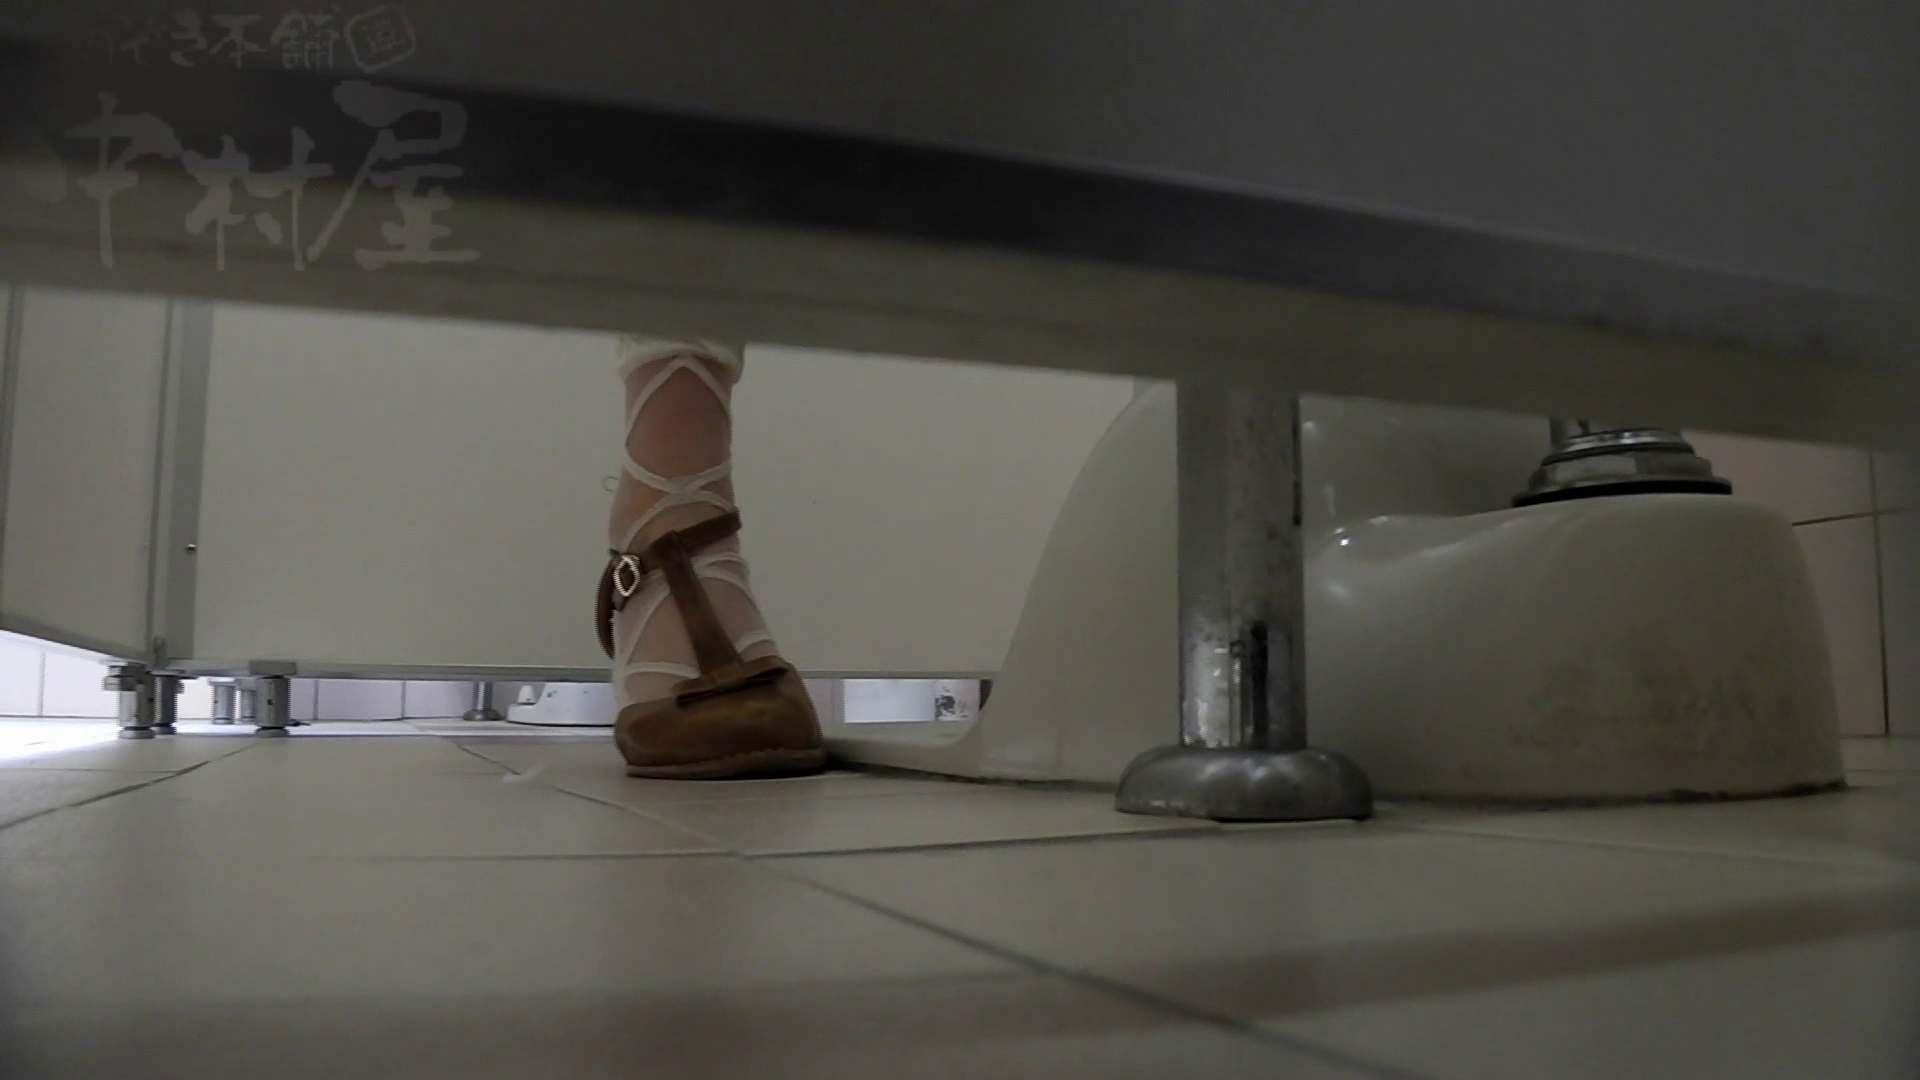 美しい日本の未来 No.29 豹柄サンダルはイ更●気味??? 女子トイレ編 えろ無修正画像 111PIX 24